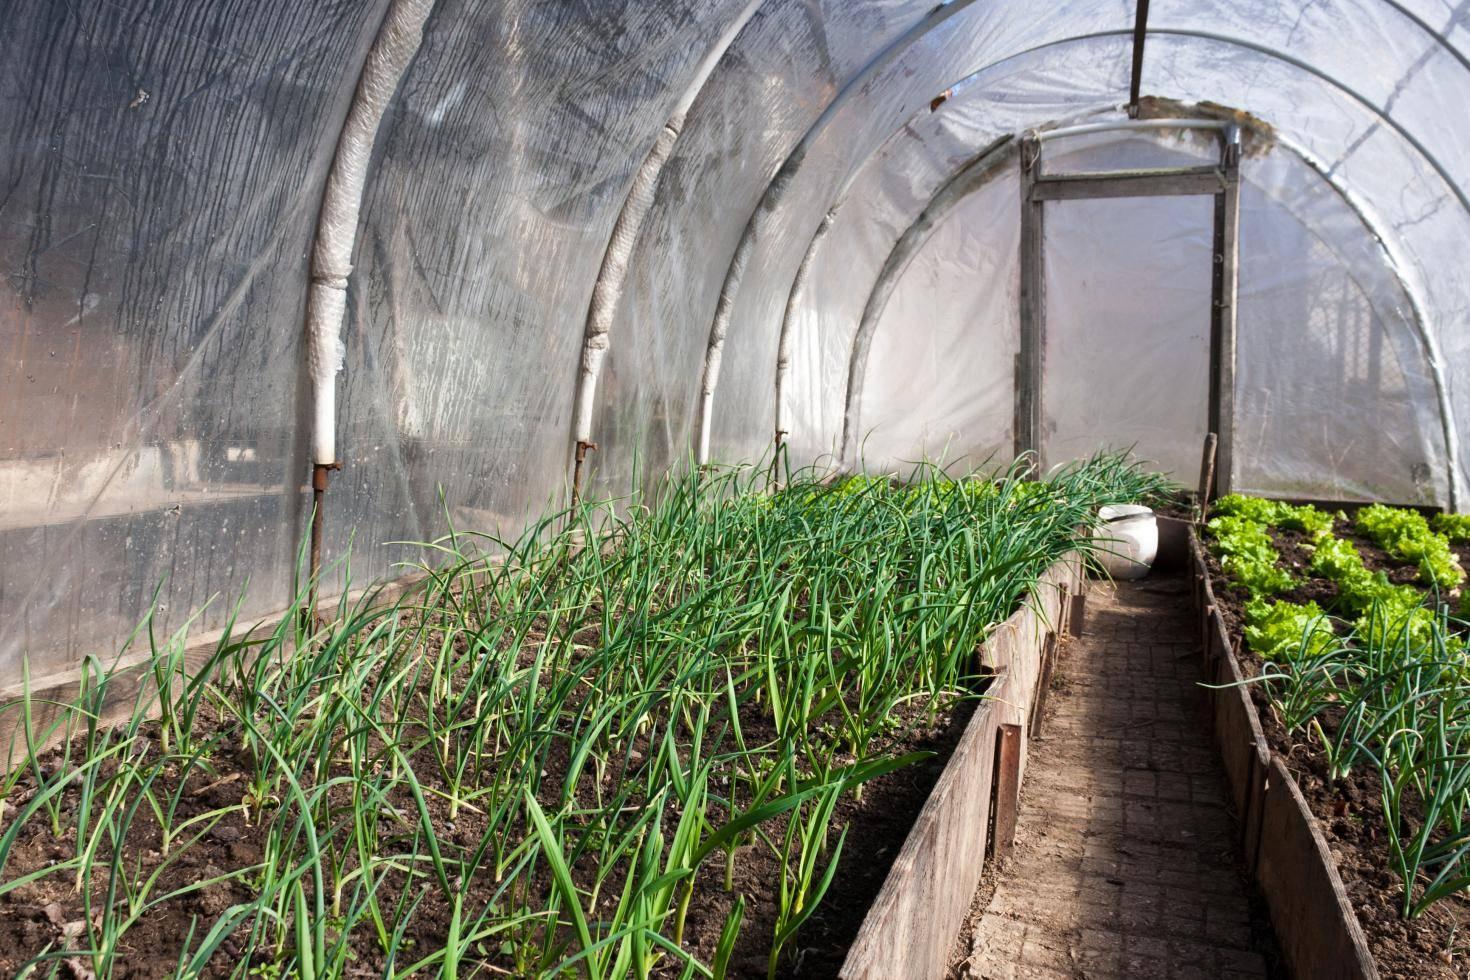 Овощи в теплице круглый год: как оборудовать теплицу и выращивать их зимой?